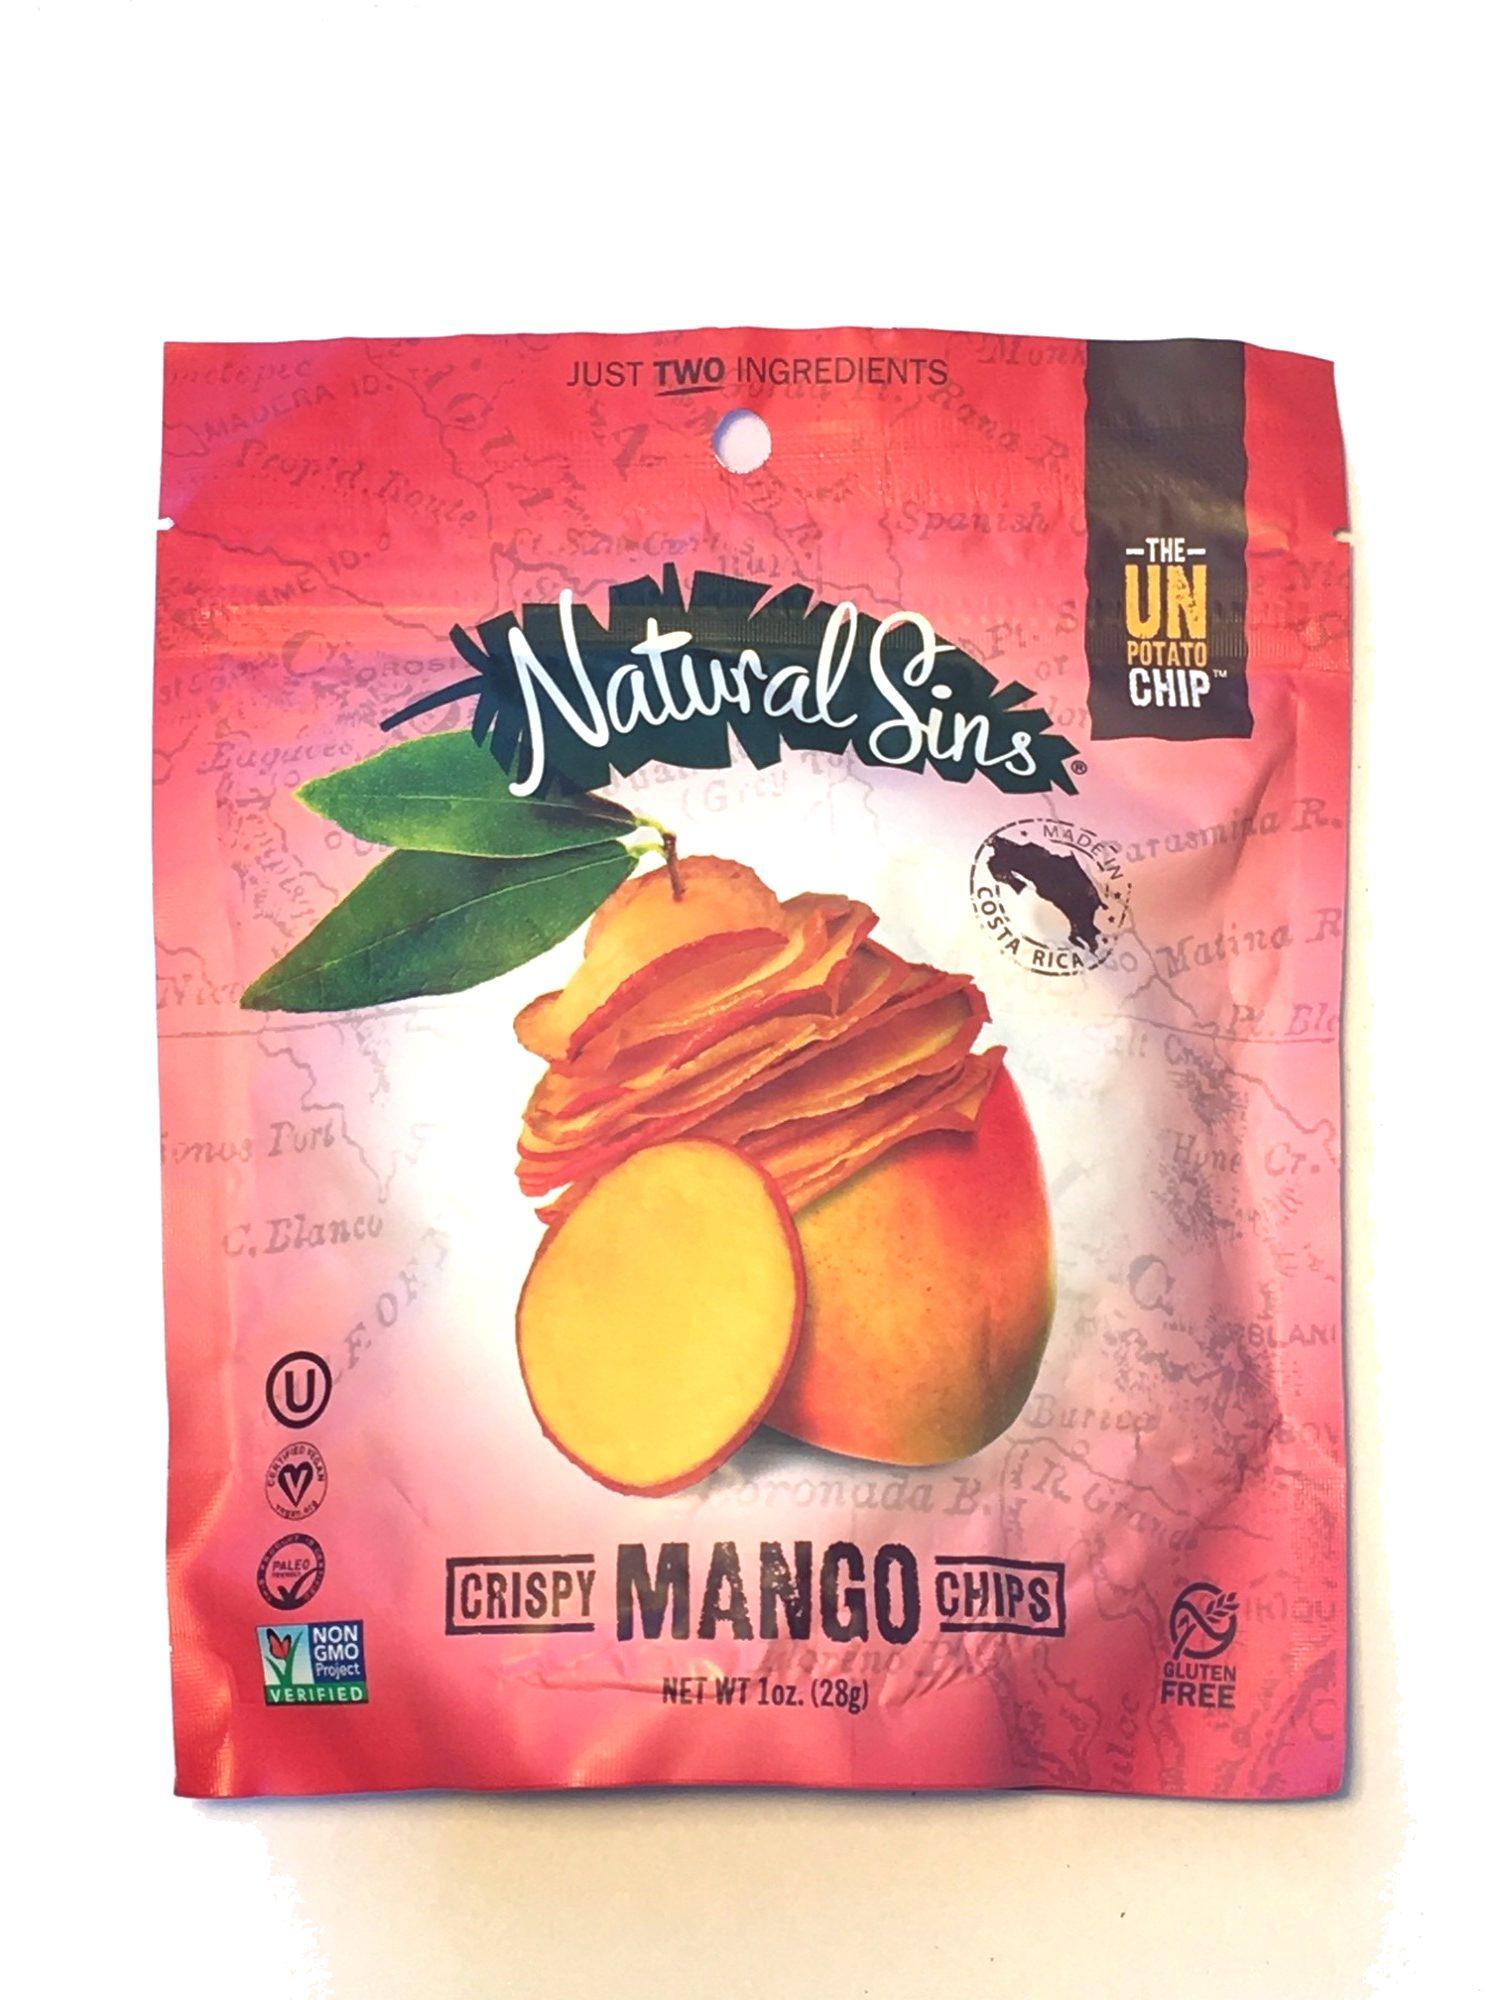 Crispy Mango Chips - Product